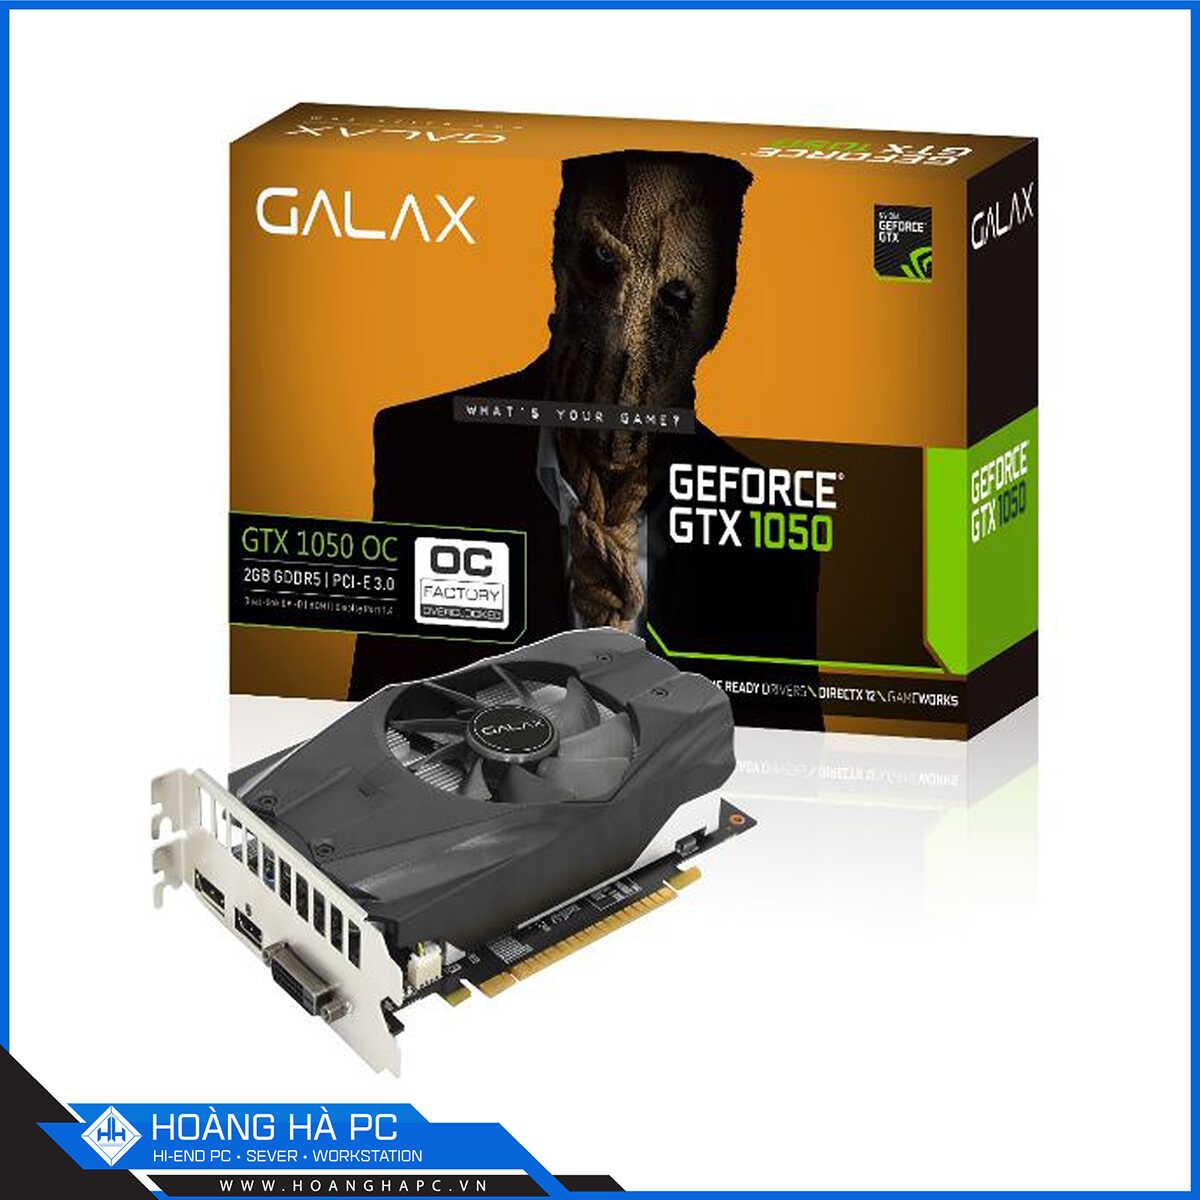 VGA Galax GeForce GTX 1050 OC 2G